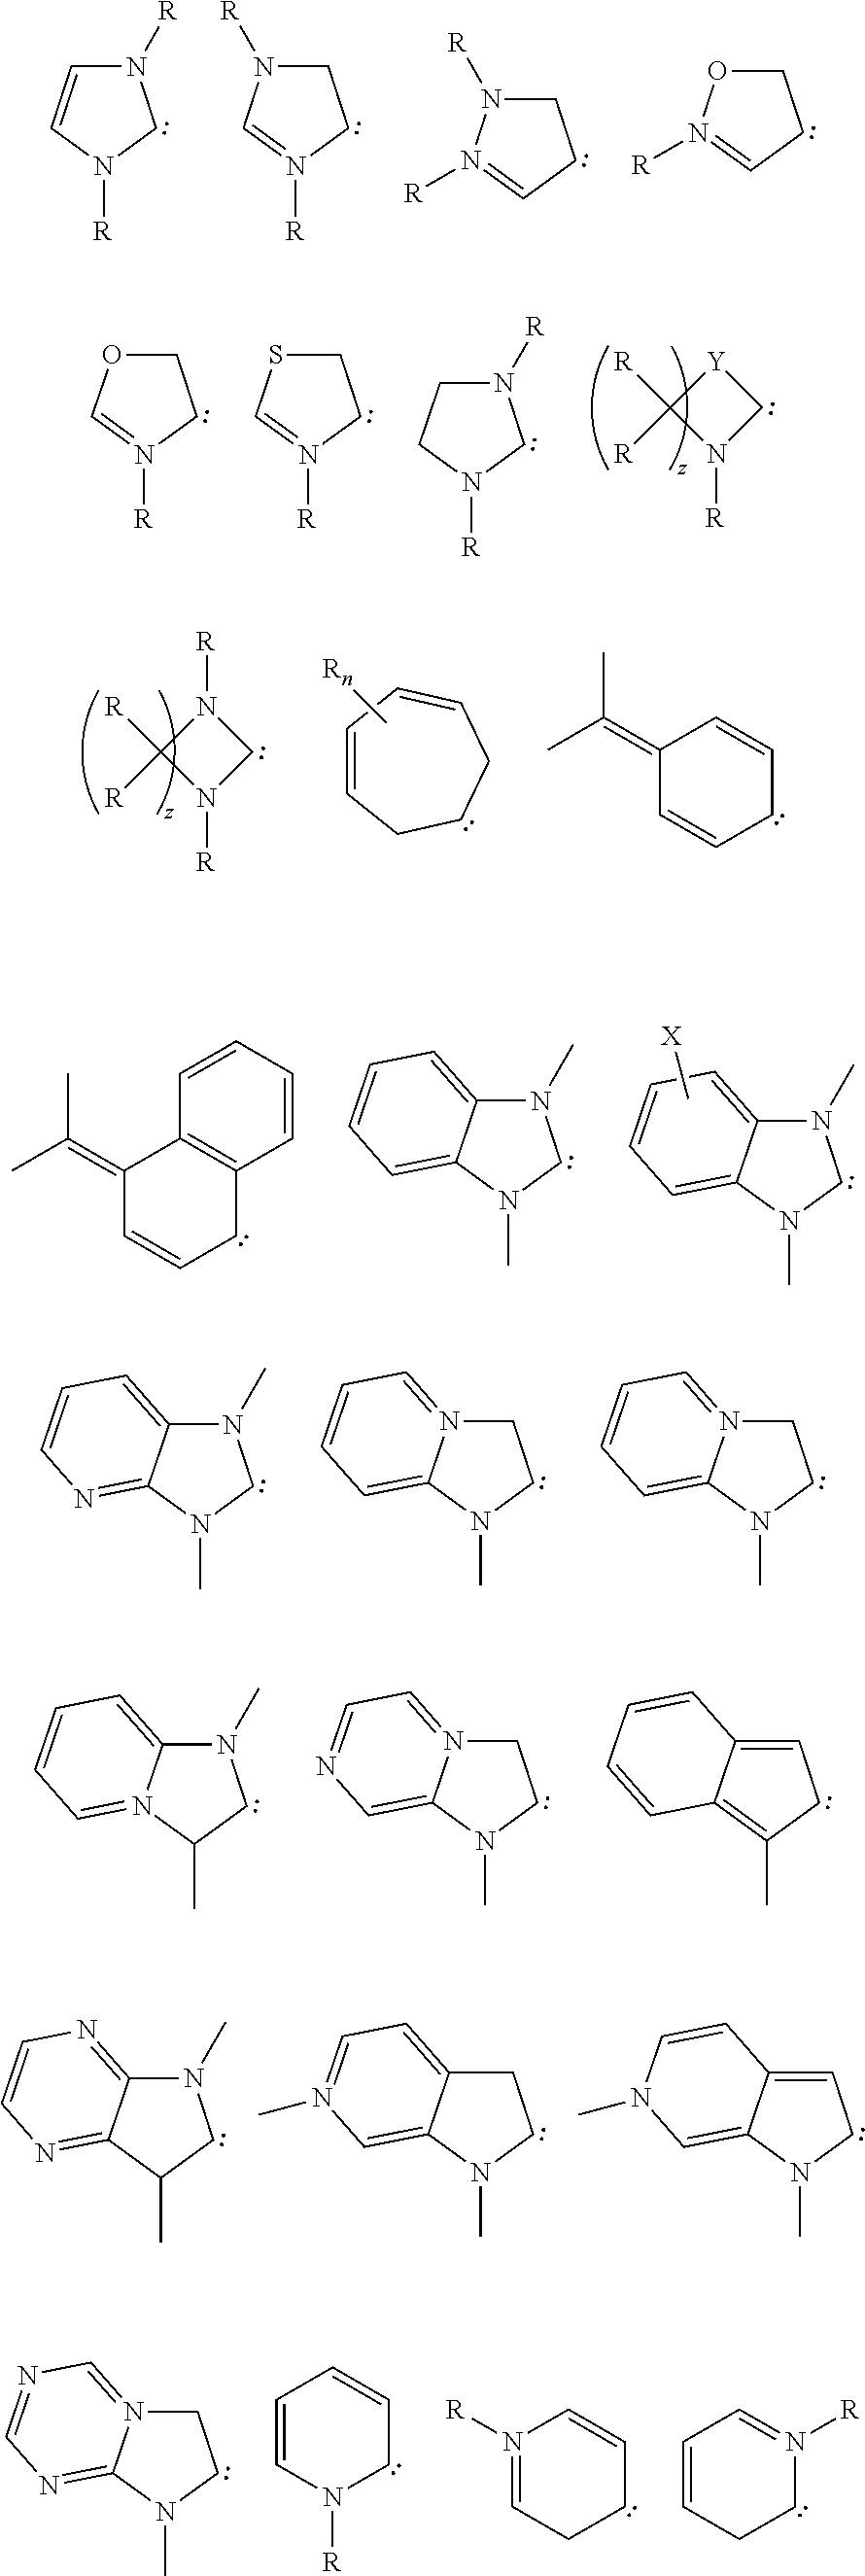 Figure US09773986-20170926-C00075